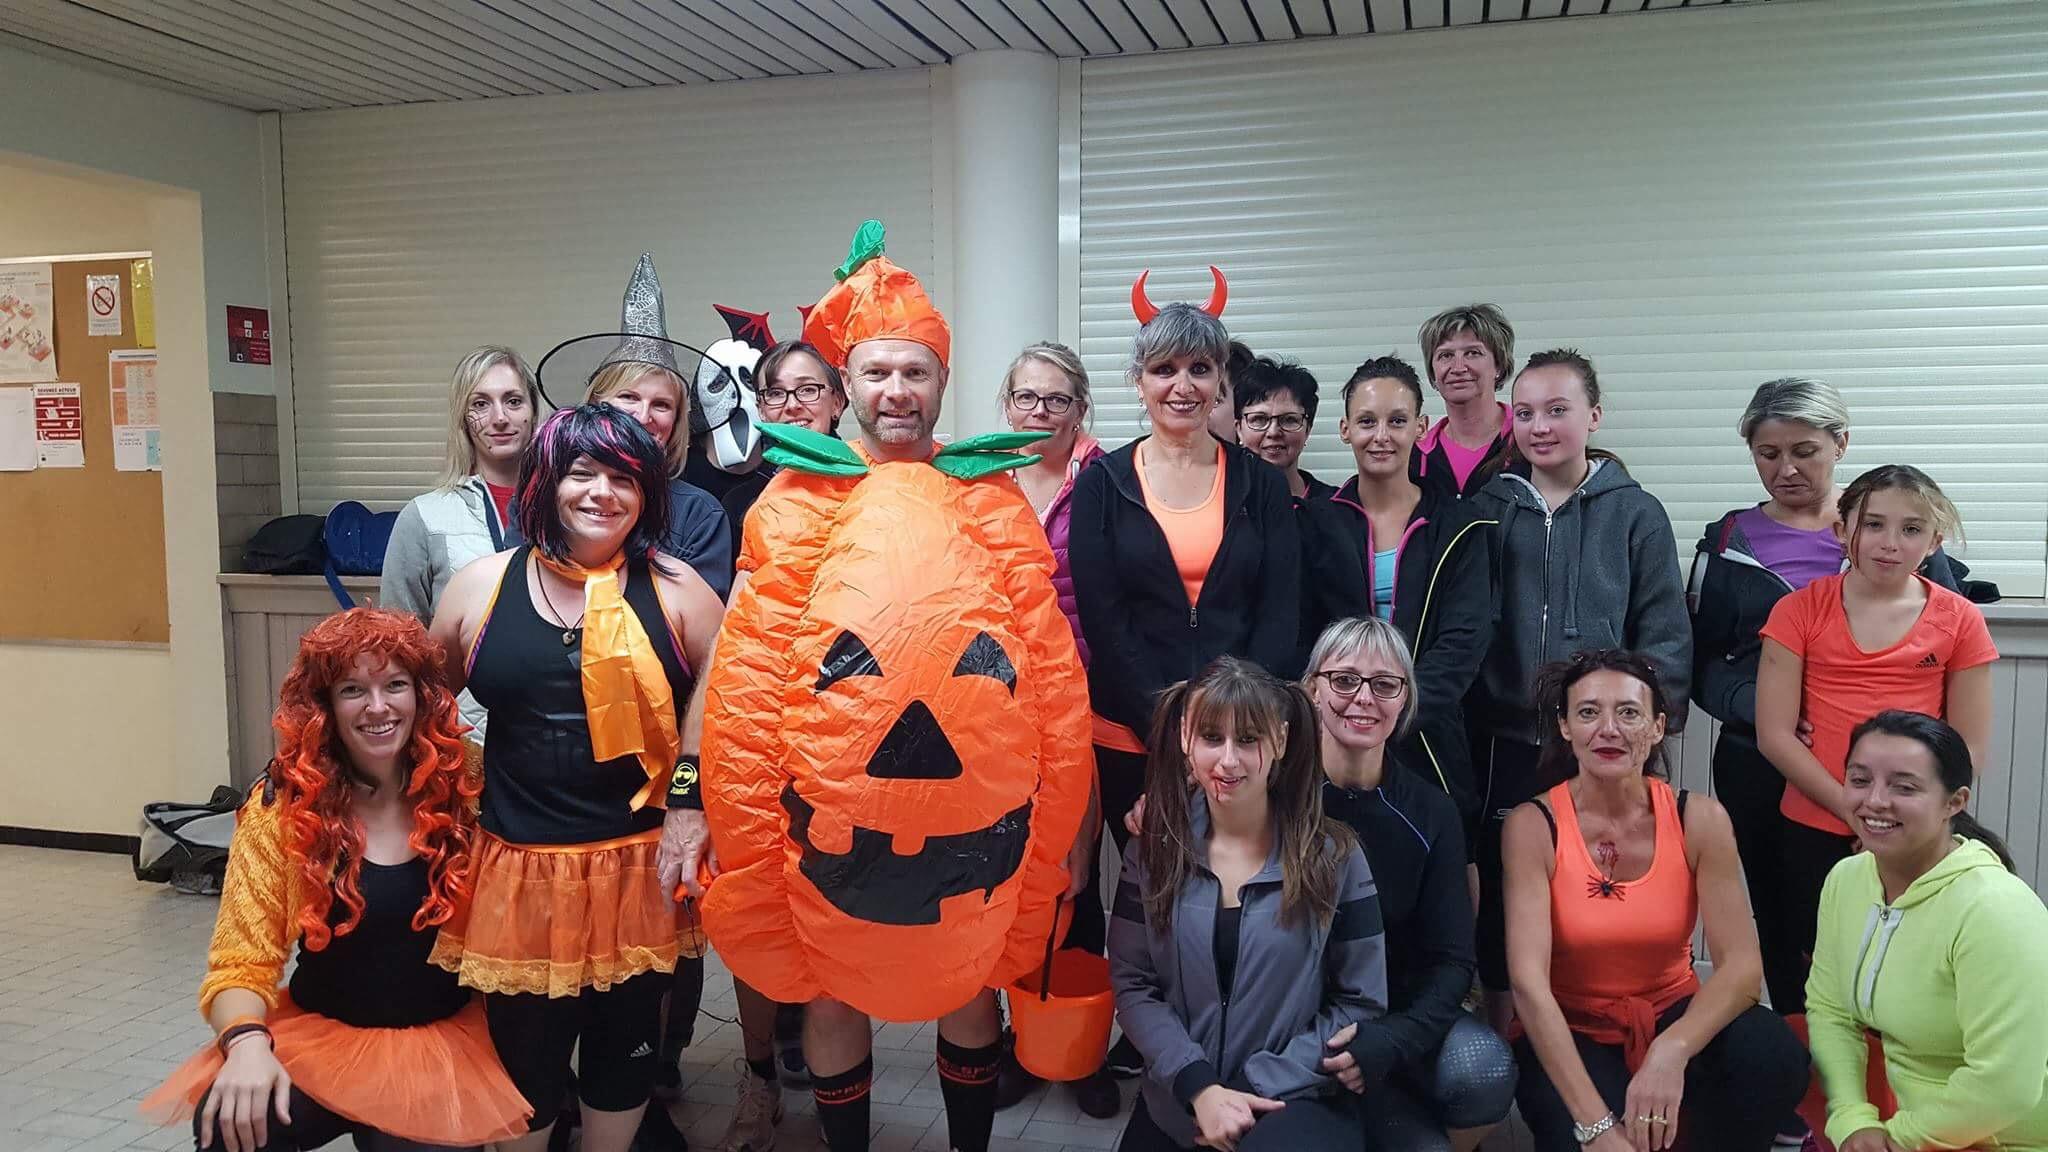 Zumbhalloween - Mercredi 1er novembre a eu lieu la Zumbhalloween à la salle des fêtes de Magland. Les filles ont répondu présentes à ce cours placé sous le signe de l'horreur !Rendez-vous sur la page facebook de l'Office Municipal des Sports de Magland pour plus de photos.